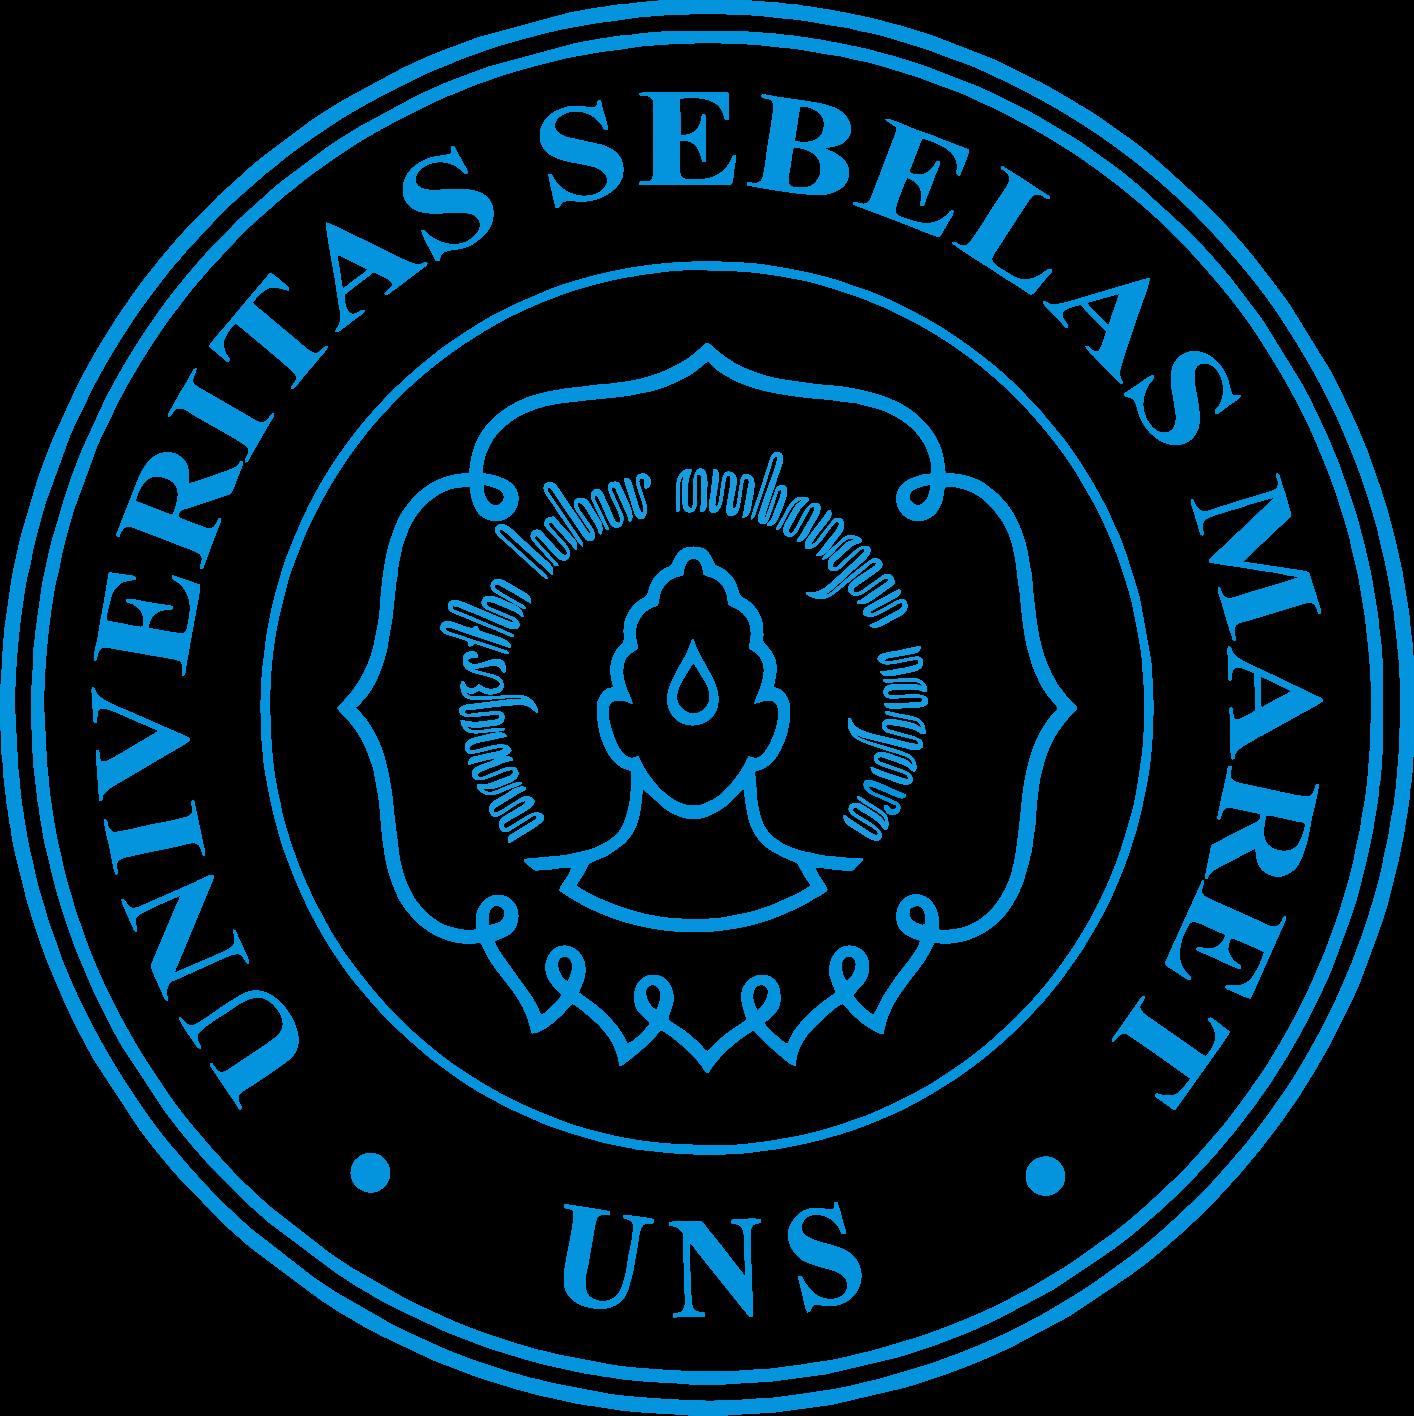 Universitas Sebelas Maret (UNS)